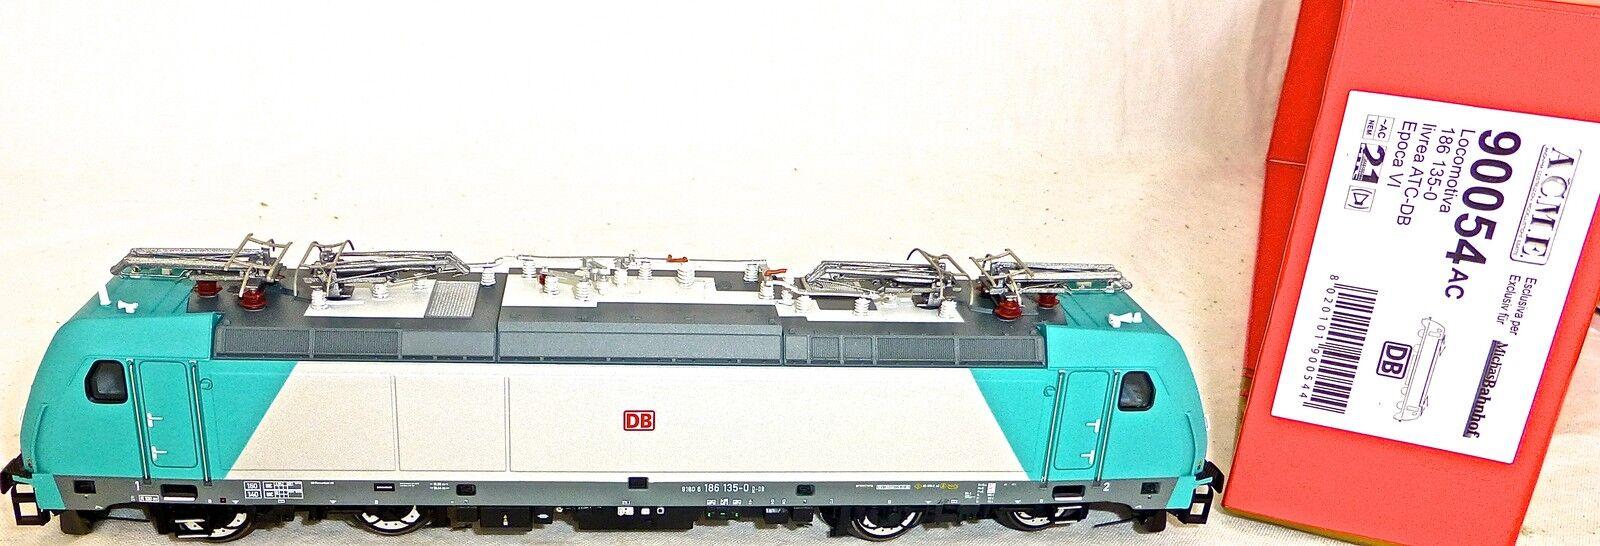 E 186 135 0 Berlin Warszawa Express DB Ep6 DSS ACME 90054 AC f Märklin NEU HC2µ